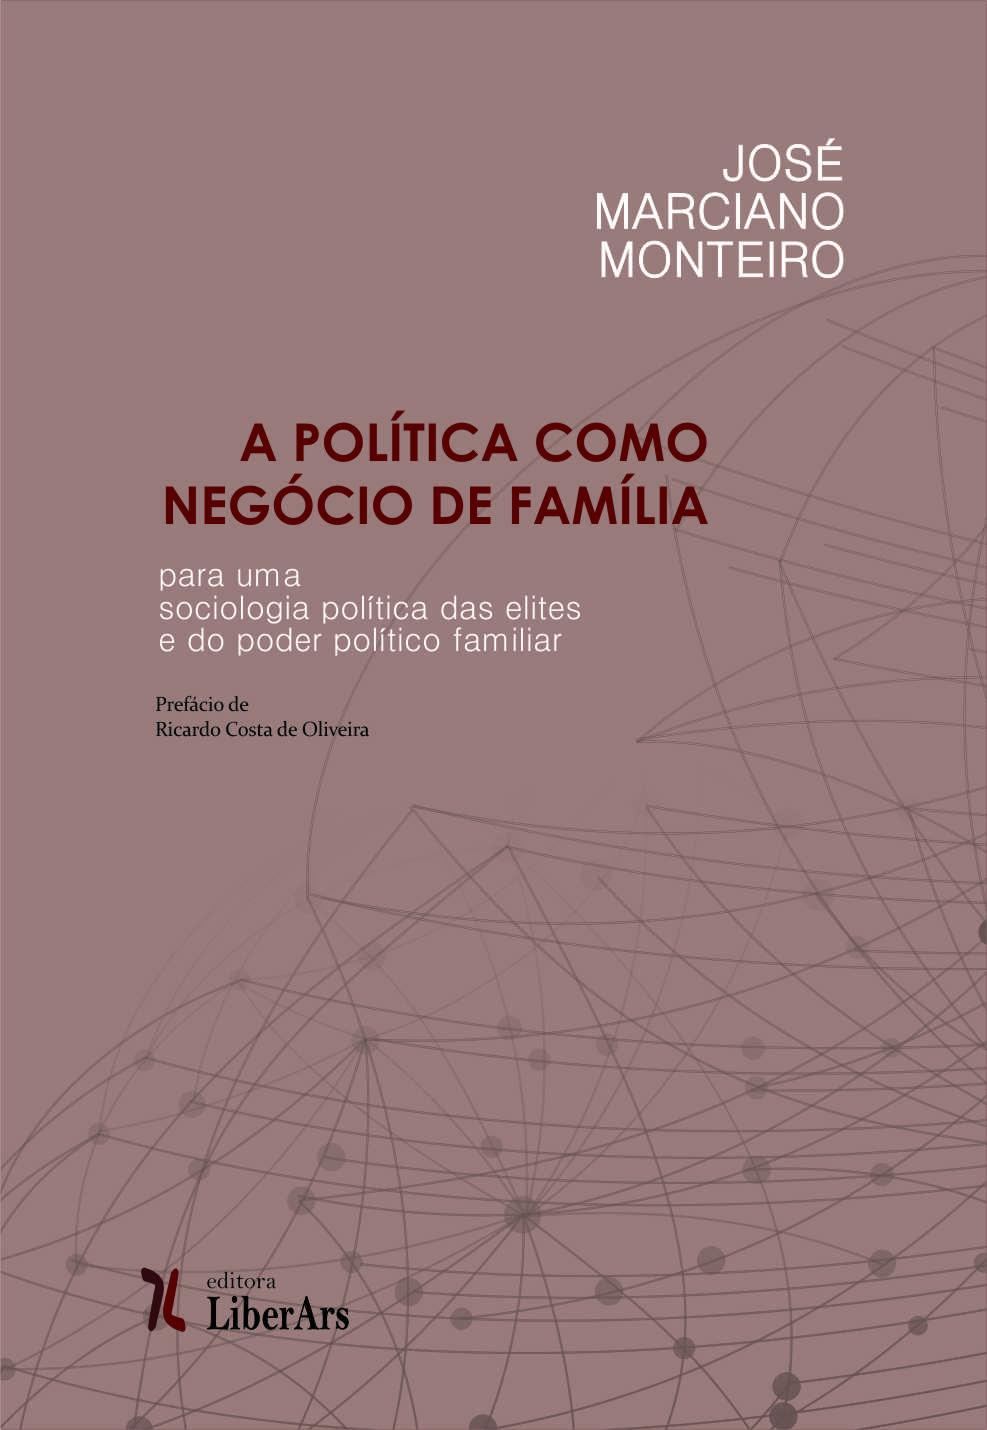 Política como negócio de família: por uma sociologia política das elites e do poder familiar, A, livro de José Marciano Monteiro